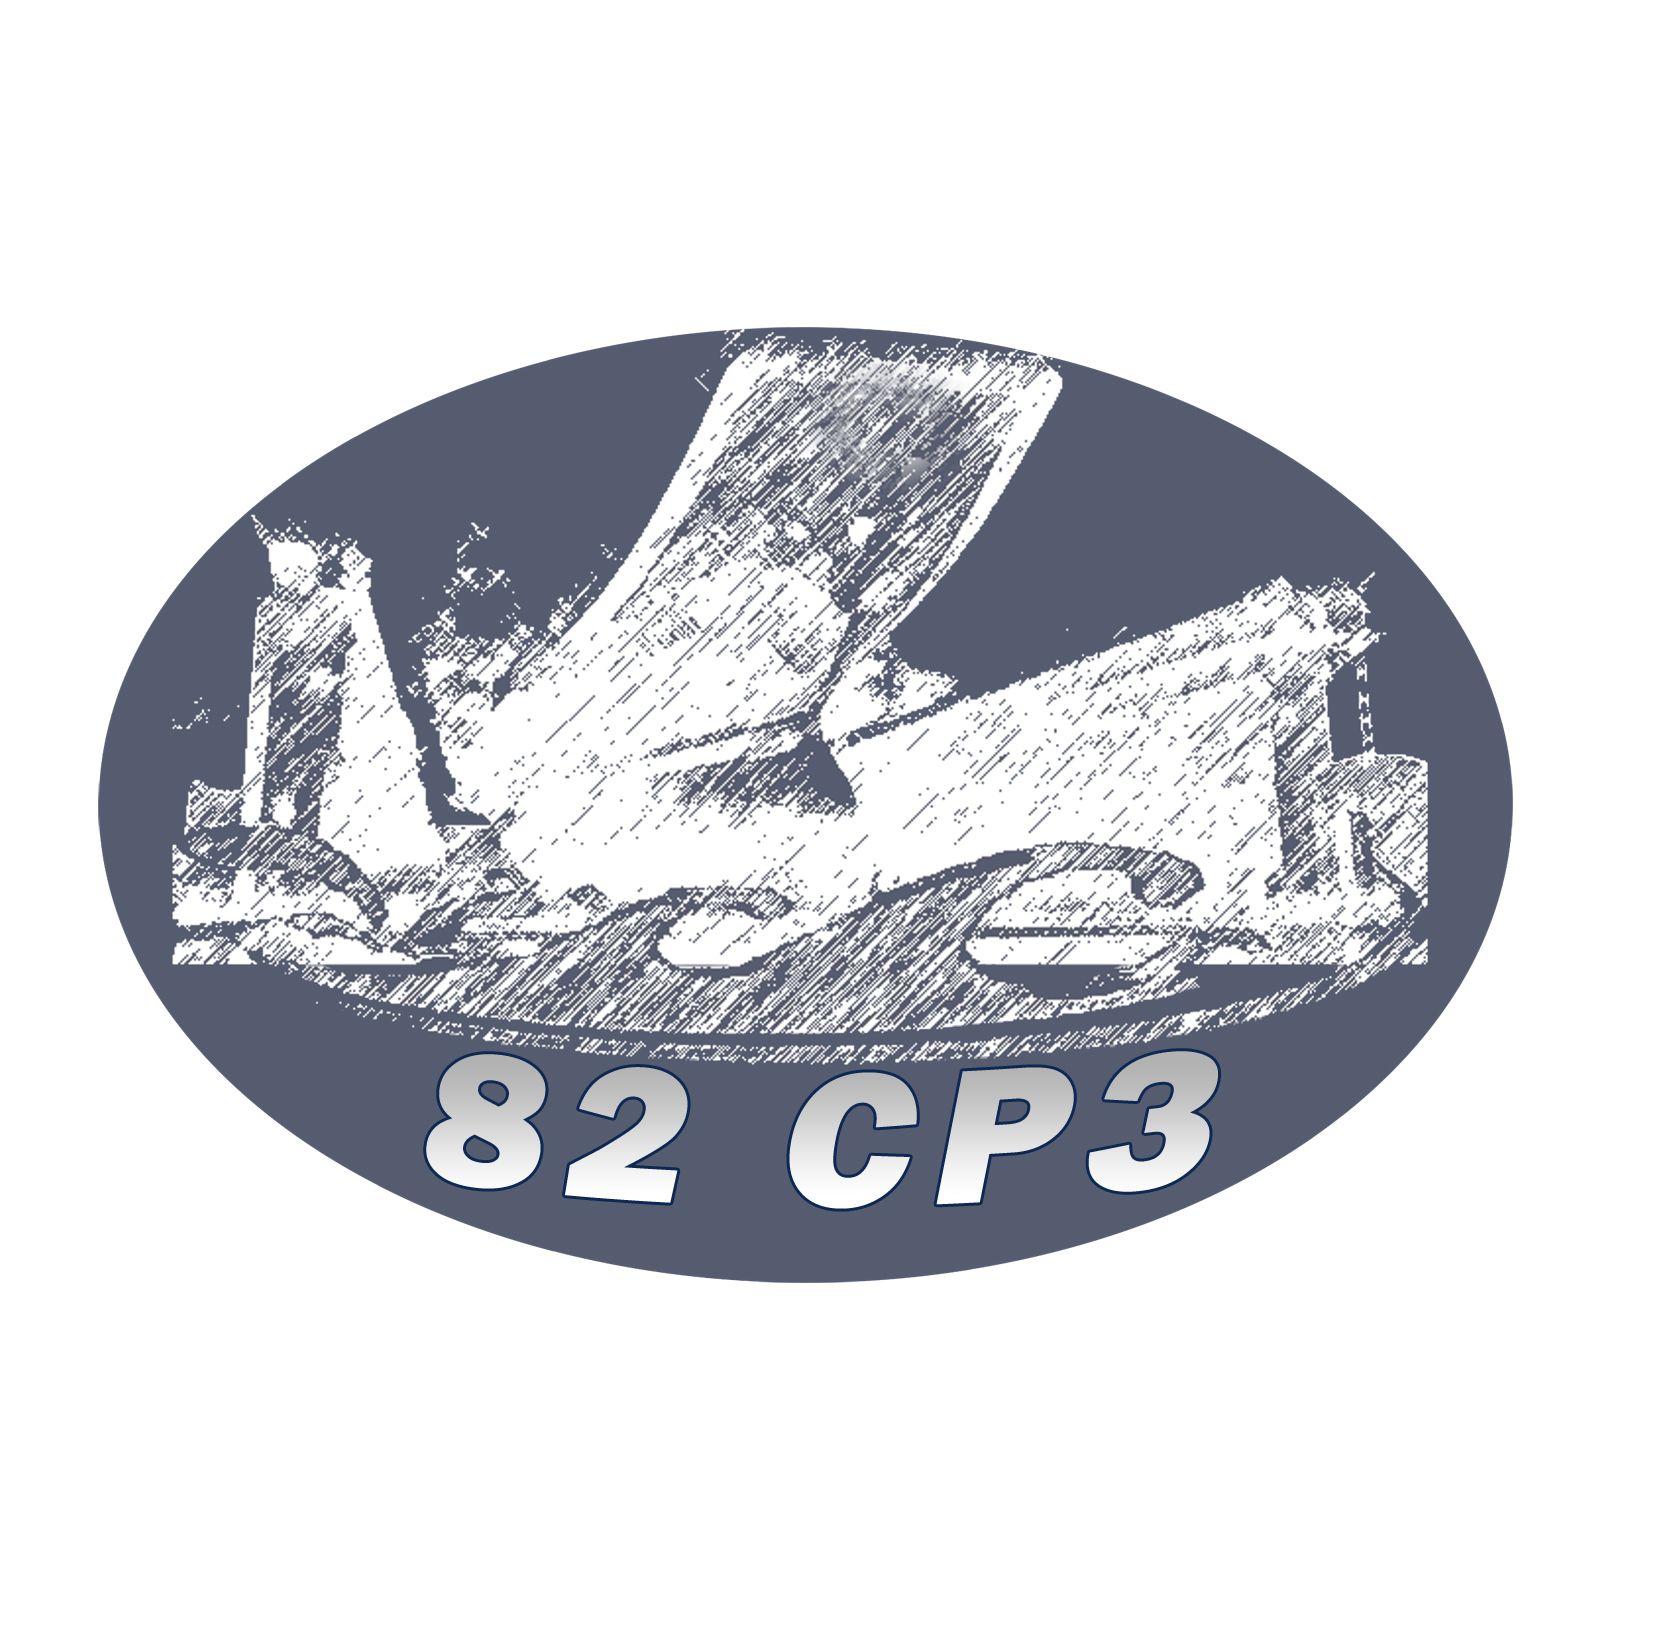 Логотип для судоремонтного завода - дизайнер propkiz